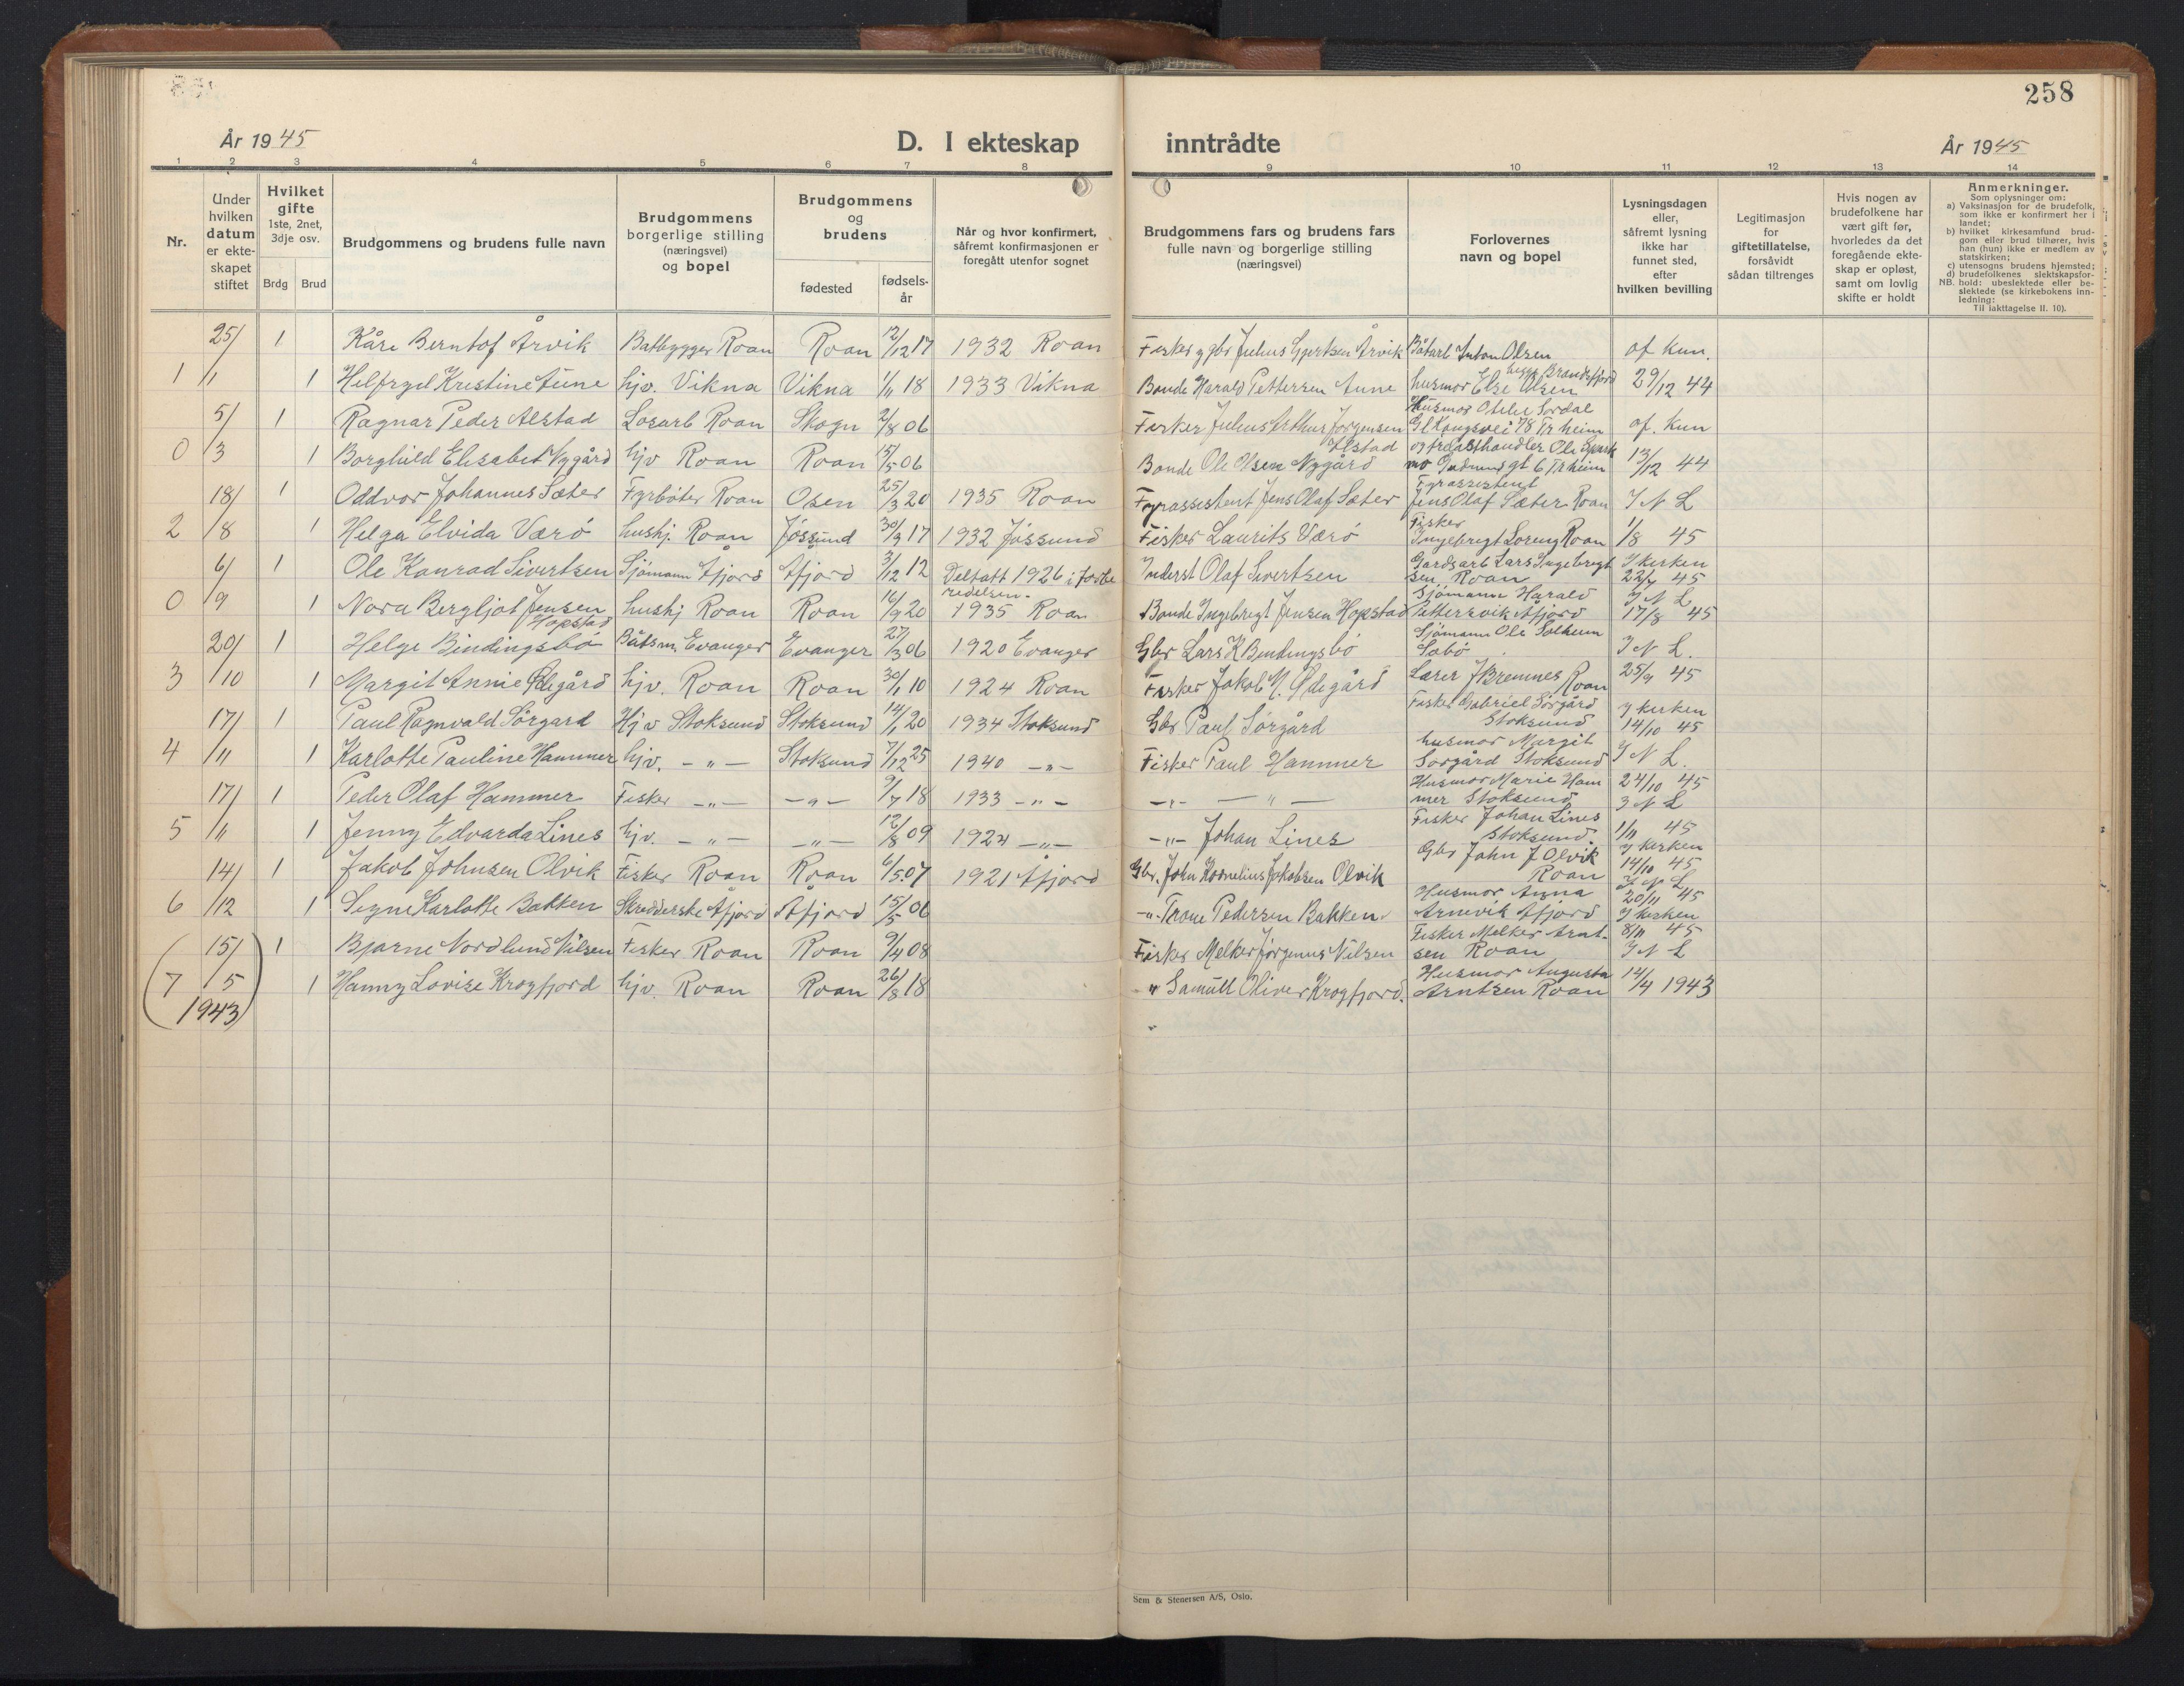 SAT, Ministerialprotokoller, klokkerbøker og fødselsregistre - Sør-Trøndelag, 657/L0718: Klokkerbok nr. 657C05, 1923-1948, s. 258